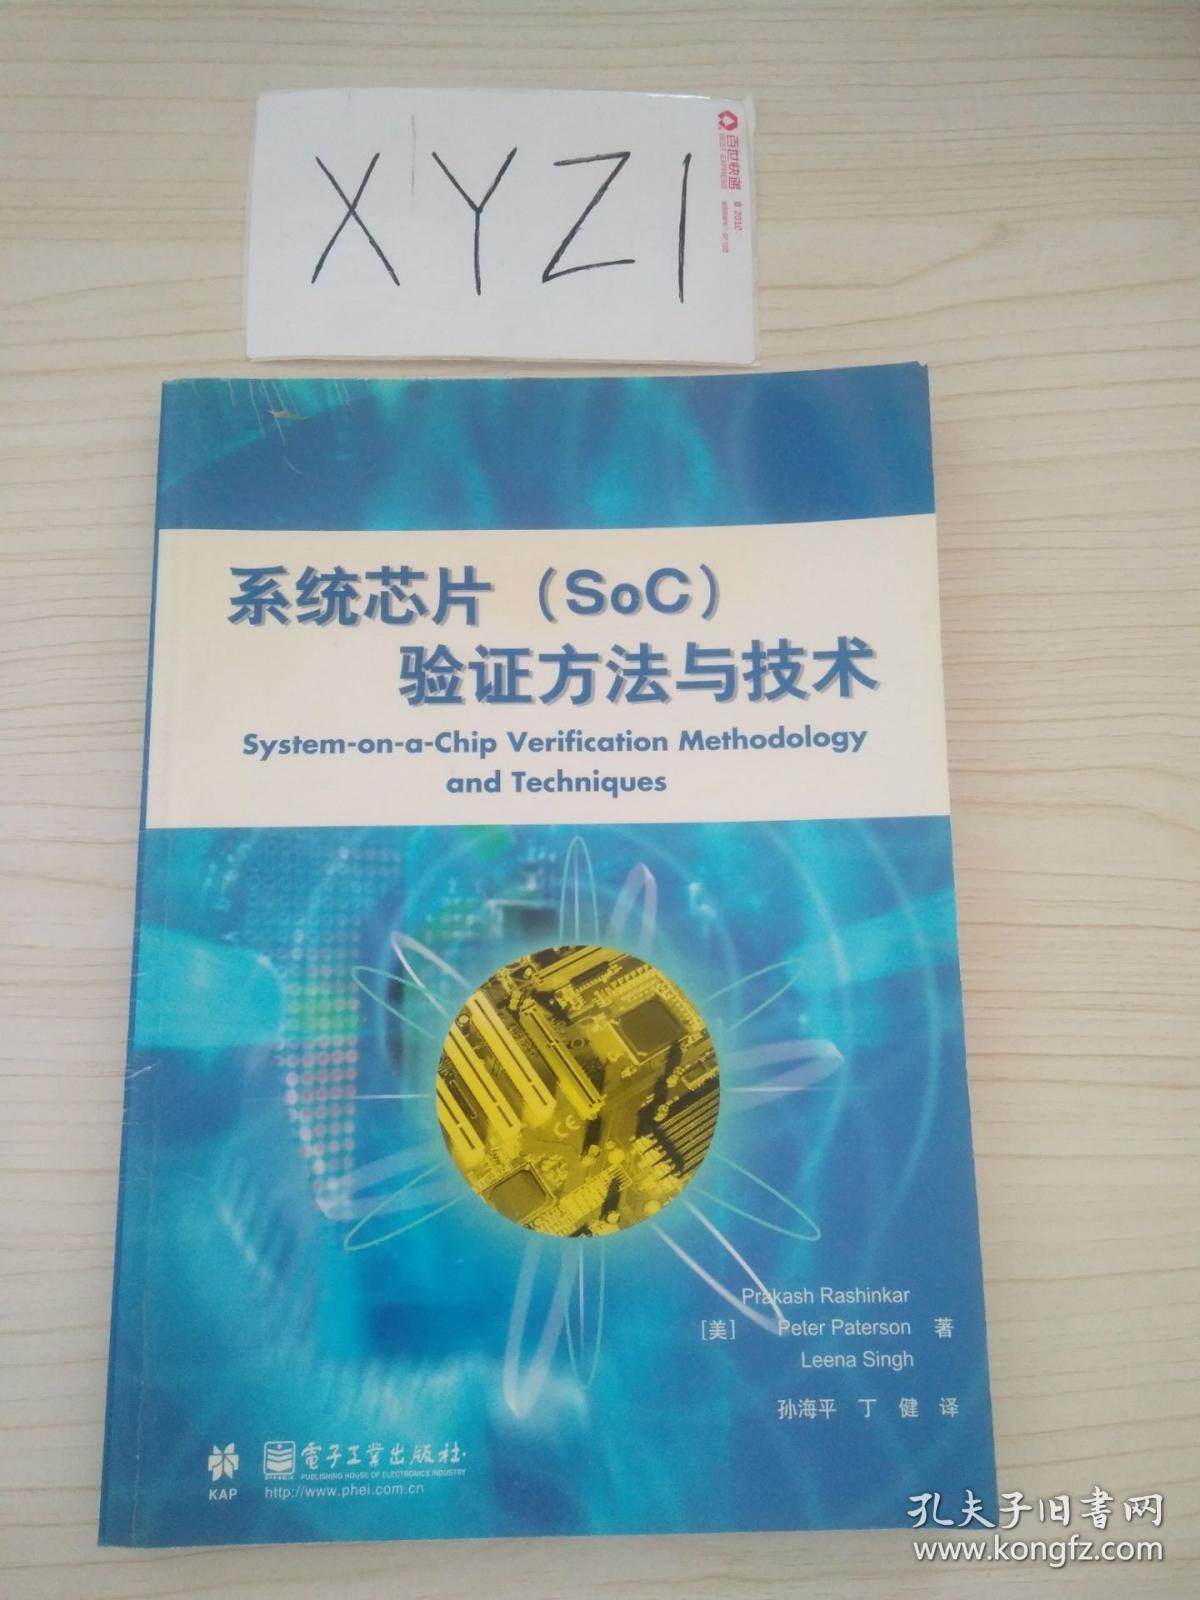 系统芯片(SoC)验证方法与技术